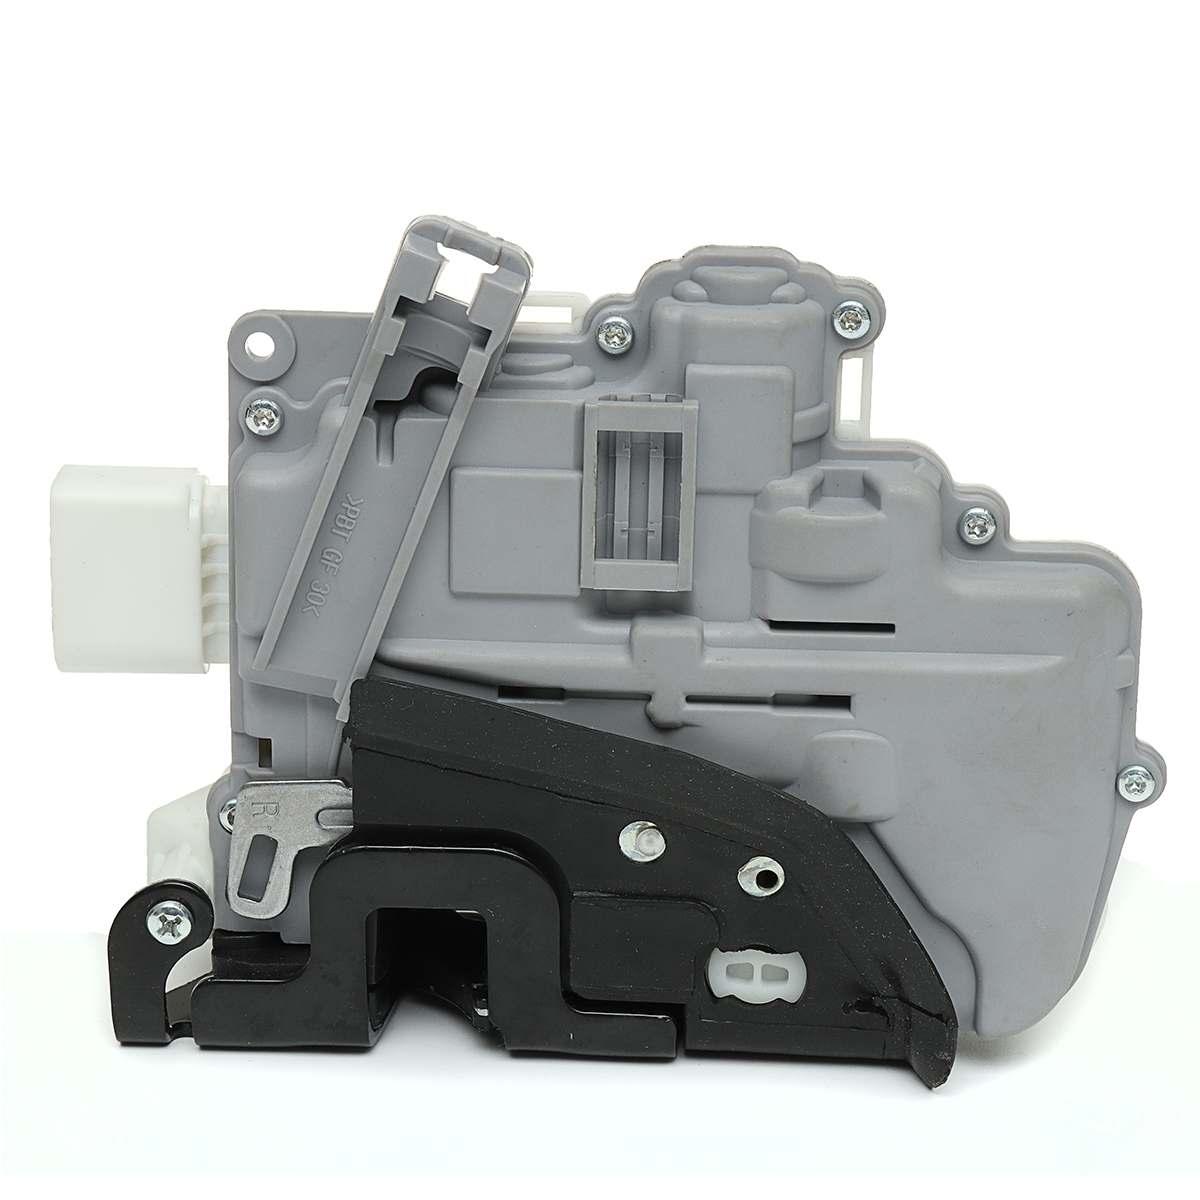 Actionneur de serrure de porte pour Vw pour Audi q3 q5 q7 A4 A5 TT b6 pour Skoda Superb Seat Ibiza gauche droite 8K0839016 3C4839016A 8J2837015A - 3